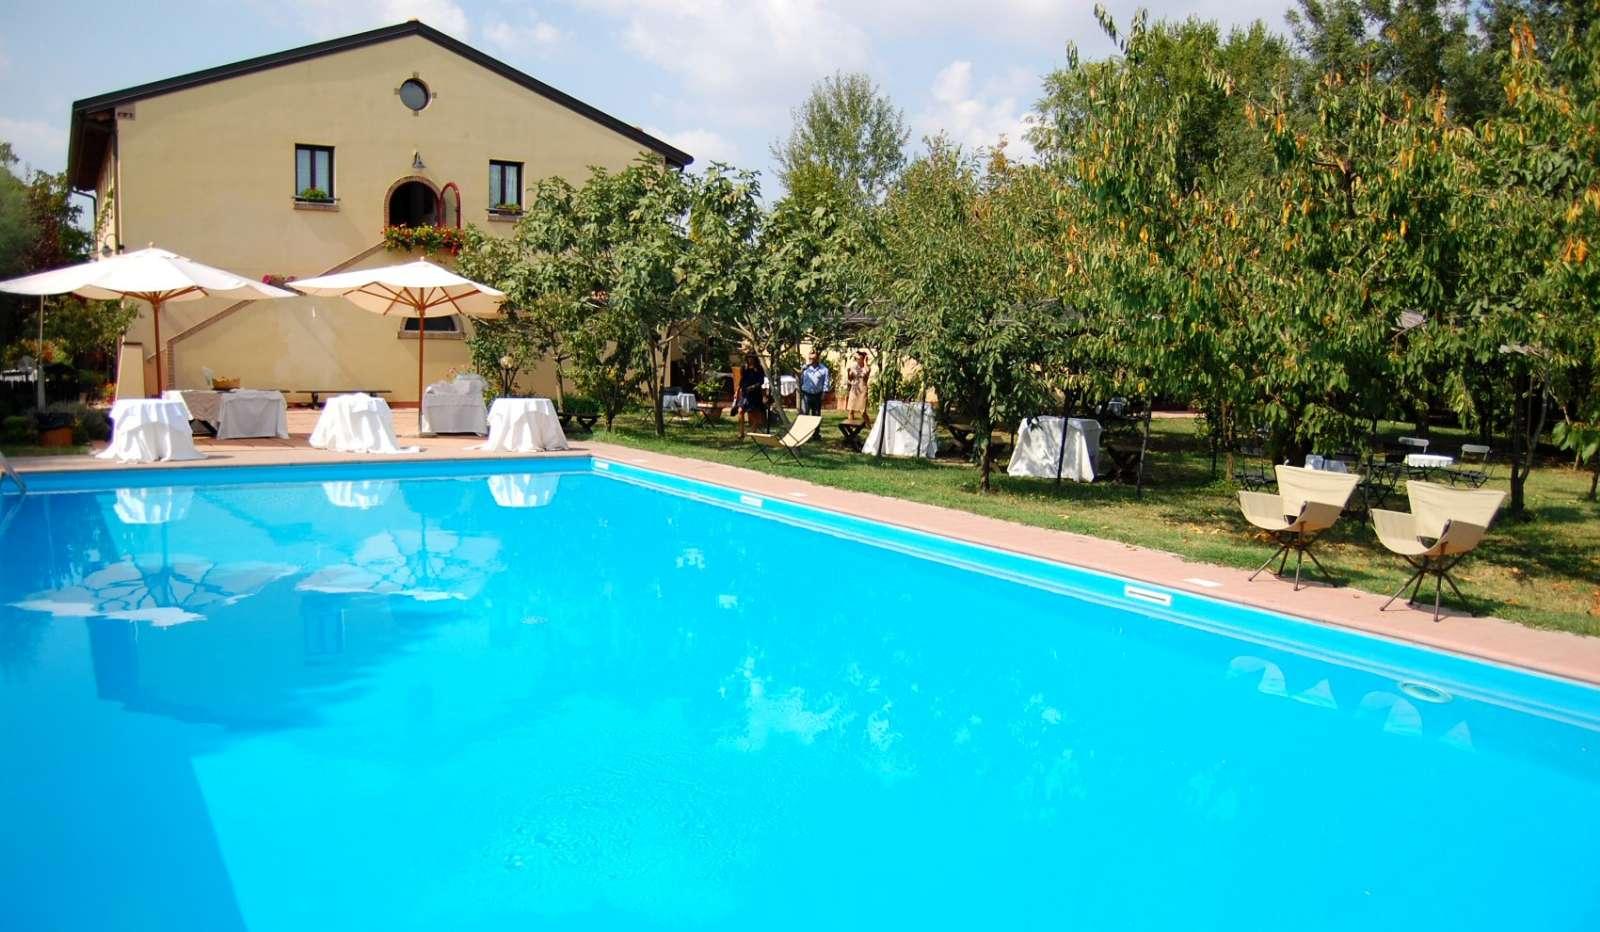 Poolen er blot et af de mange højdepunkter på Villa Belfiore